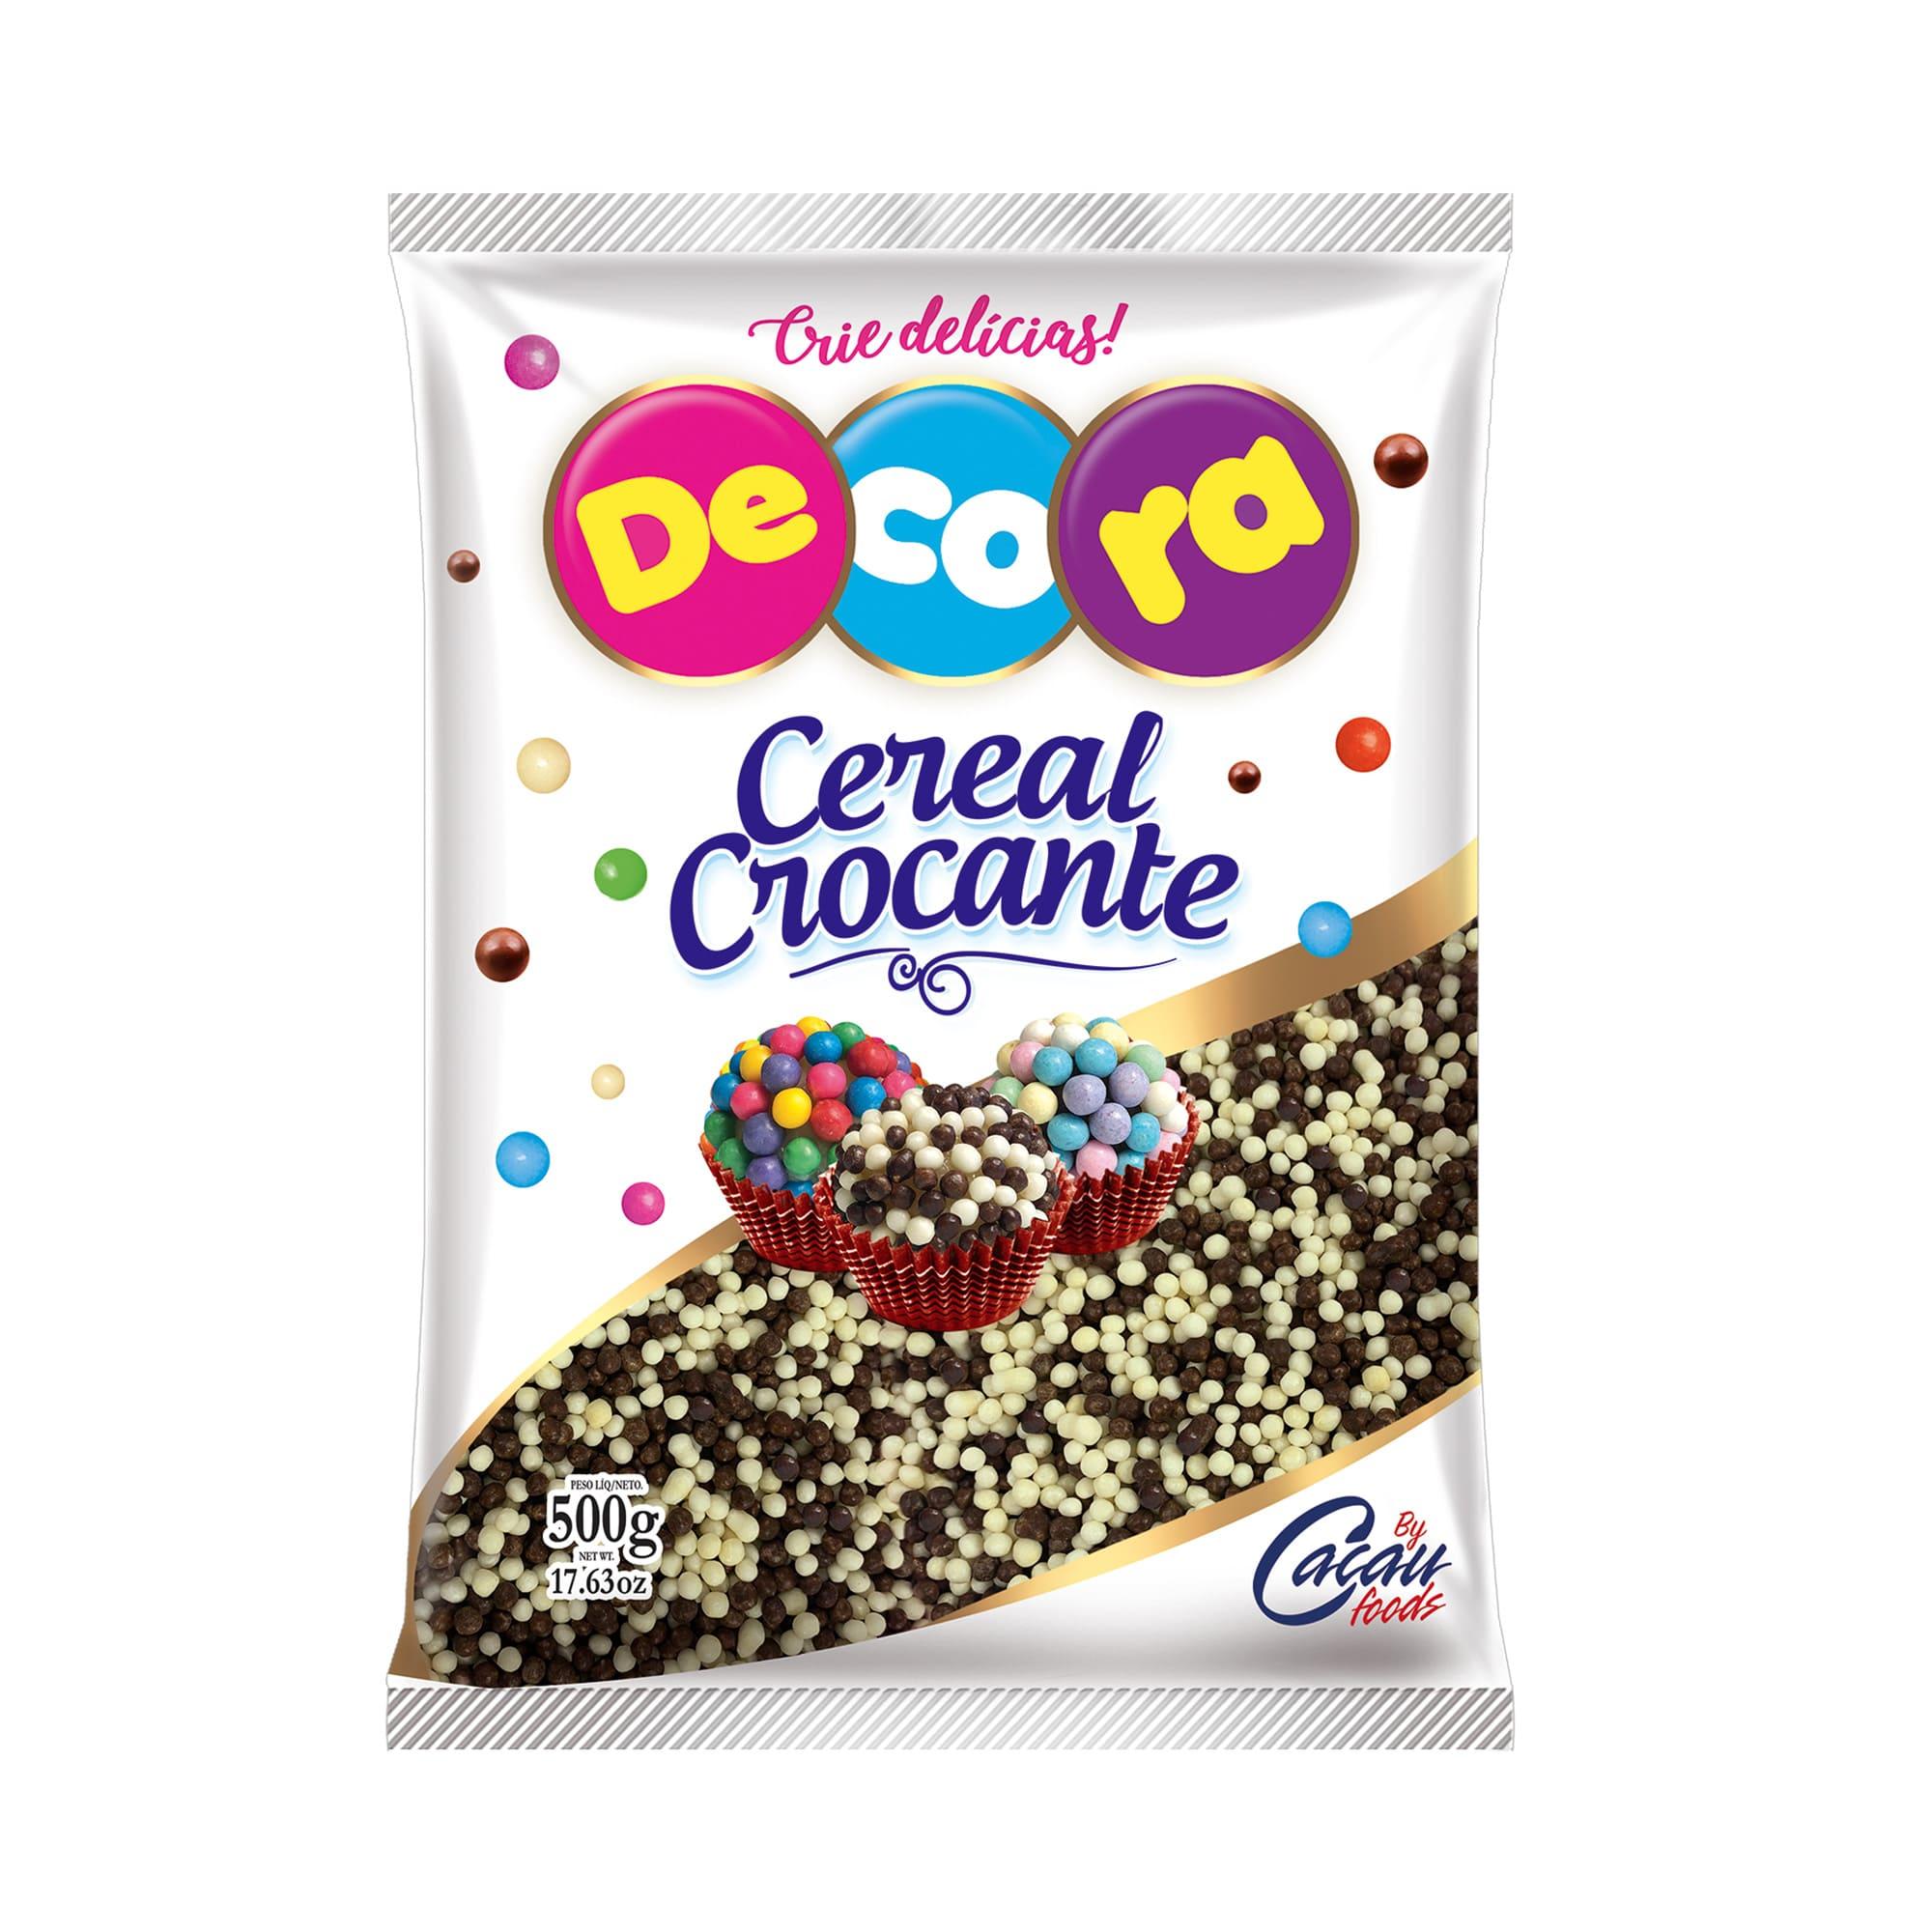 MICRO CEREAL CROCANTE BRANCO PRETO 500GR - CACAU FOODS  - Santa Bella